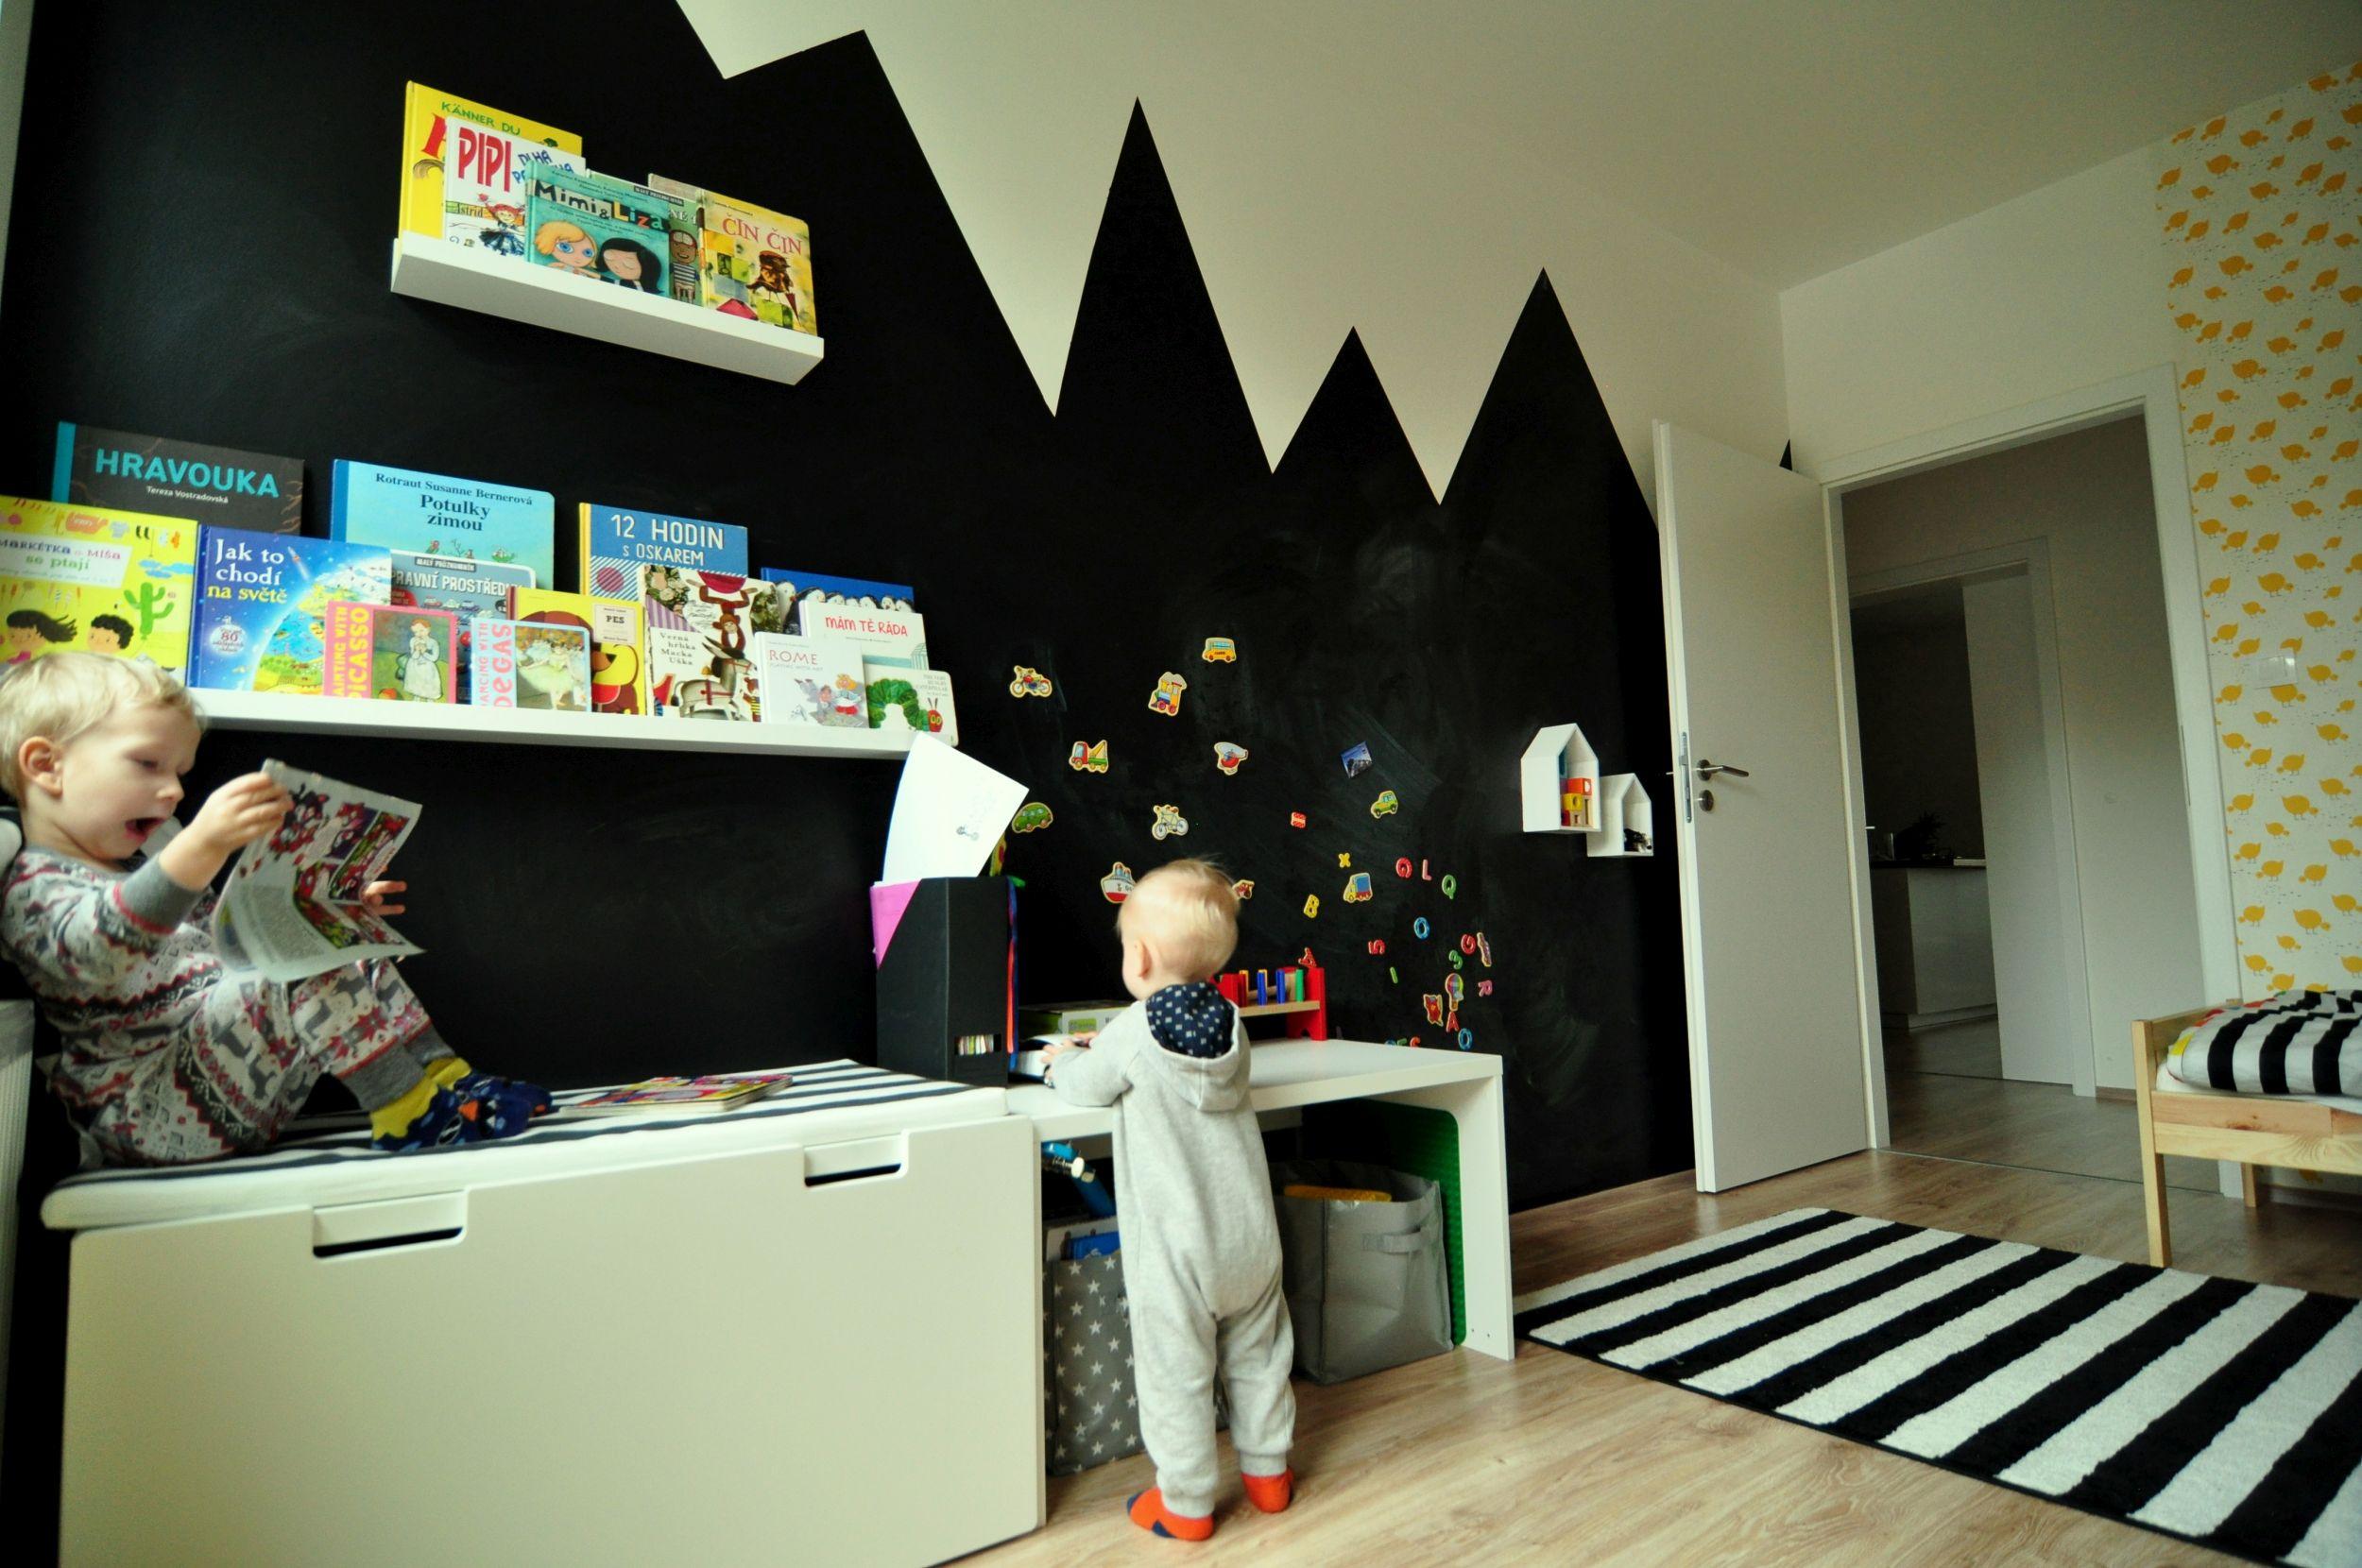 Čítajúci rodičia píšu: Nina a tabuľová stena v detskej